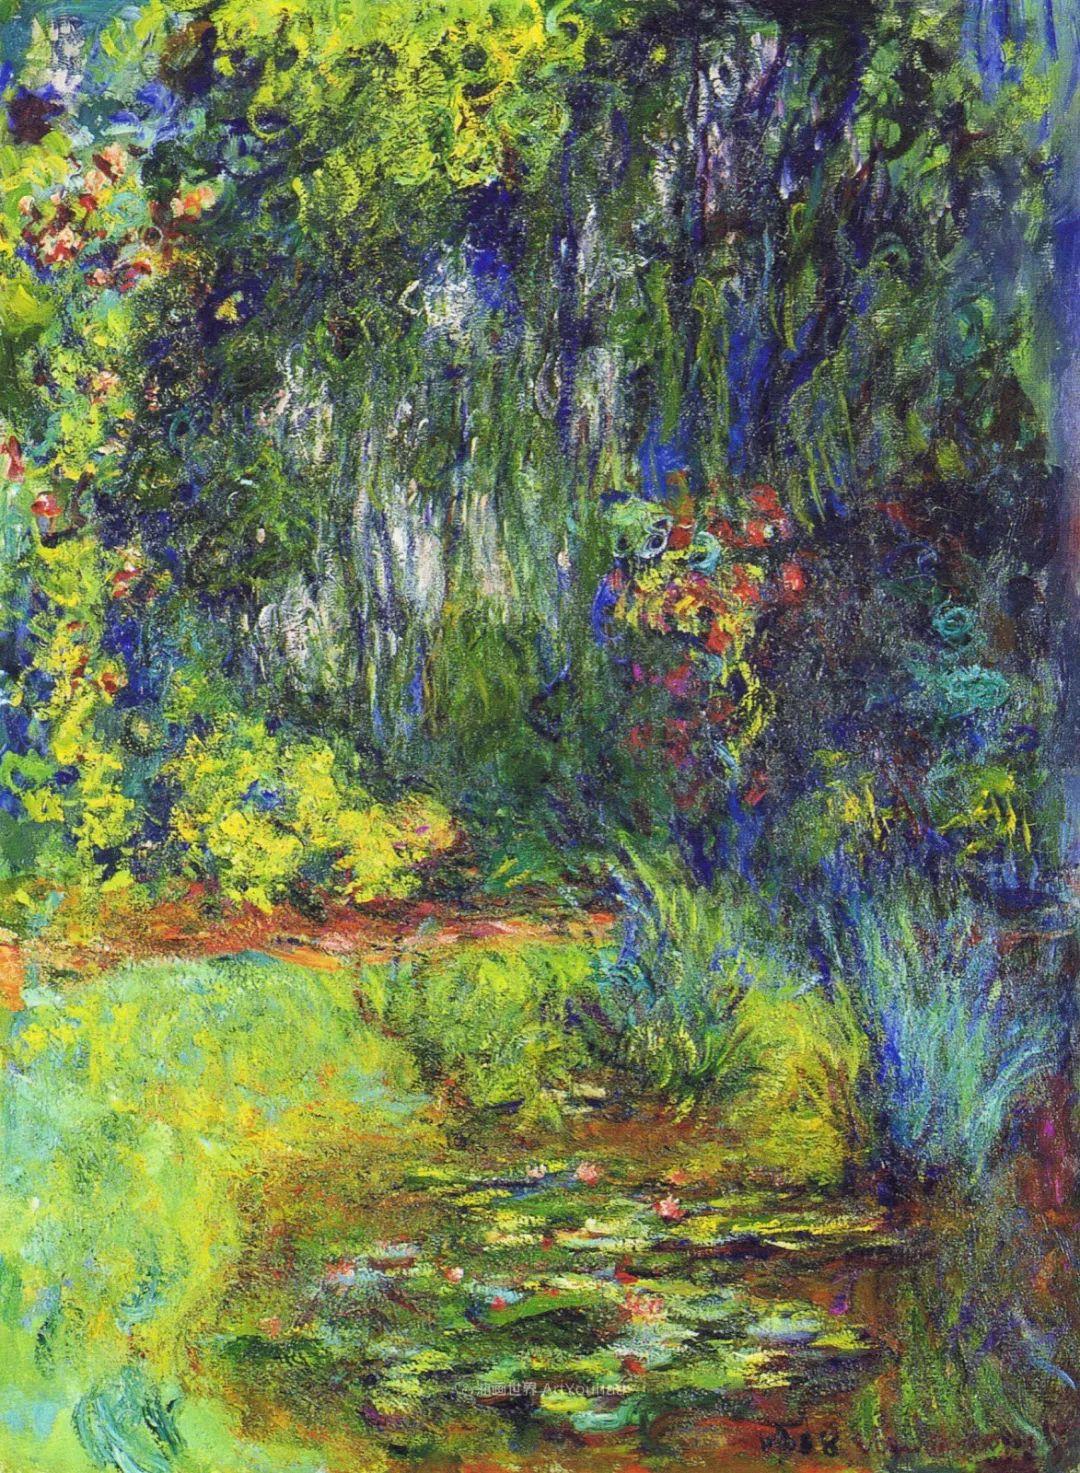 阳光四溢的色彩大师   以莫奈的花园祝你牛年欣欣向荣插图5